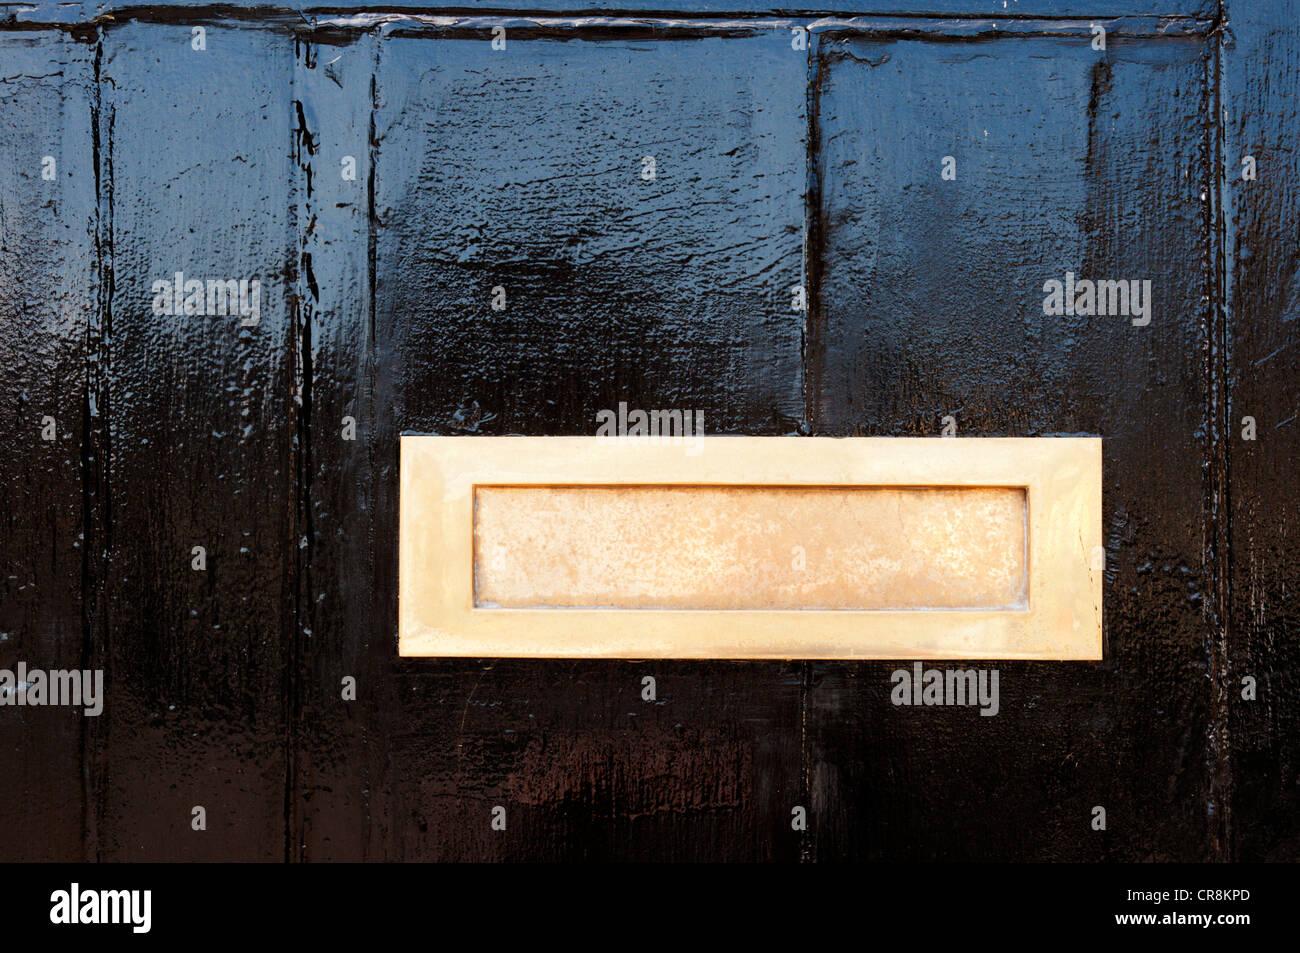 Ein gold Metall Briefkasten auf einem schwarz lackierten Tür. Stockbild